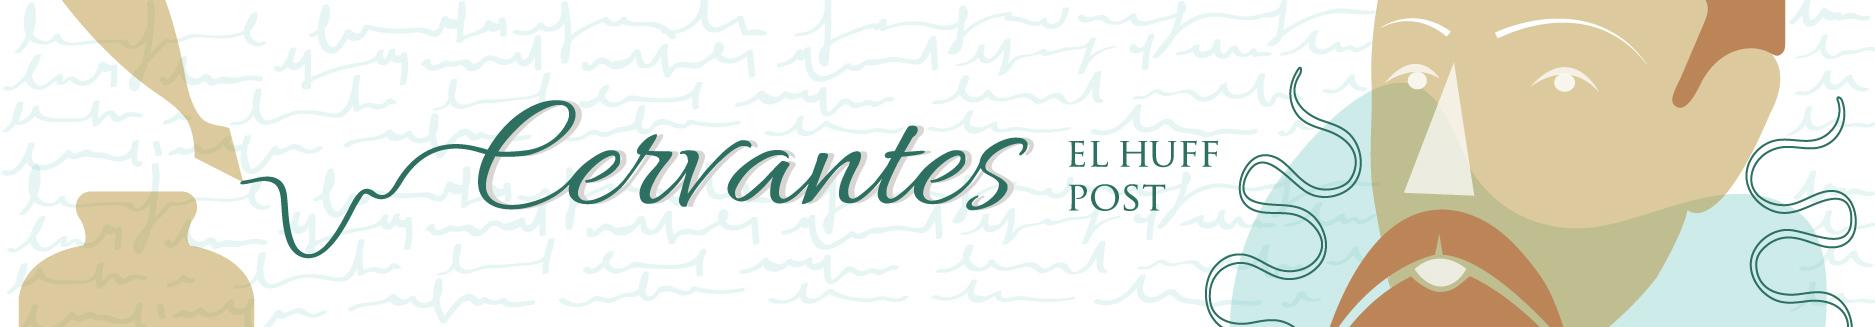 La 'detective' Ruiz interroga a Cervantes. El Huffington Post